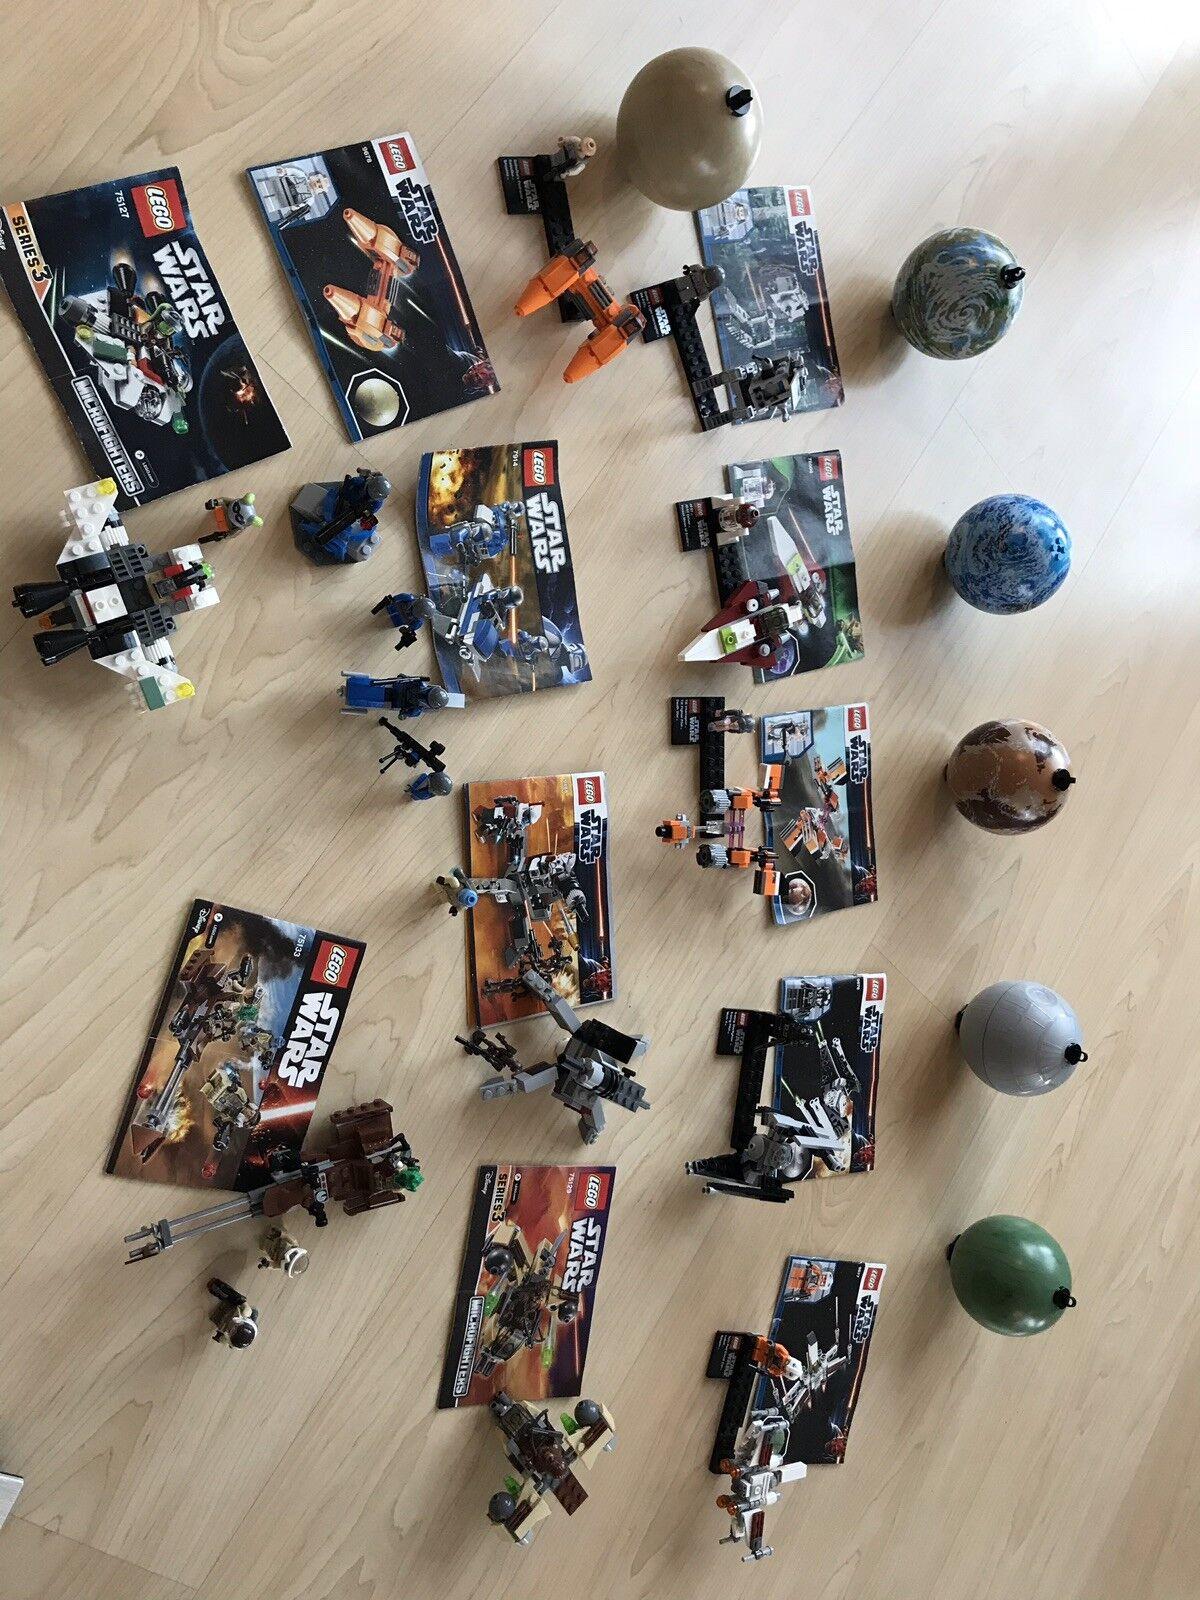 Lego, Star Wars, 75133, 75129, 75127, 9488, 7914, 9676, 9678, 9675, 9677, 75006